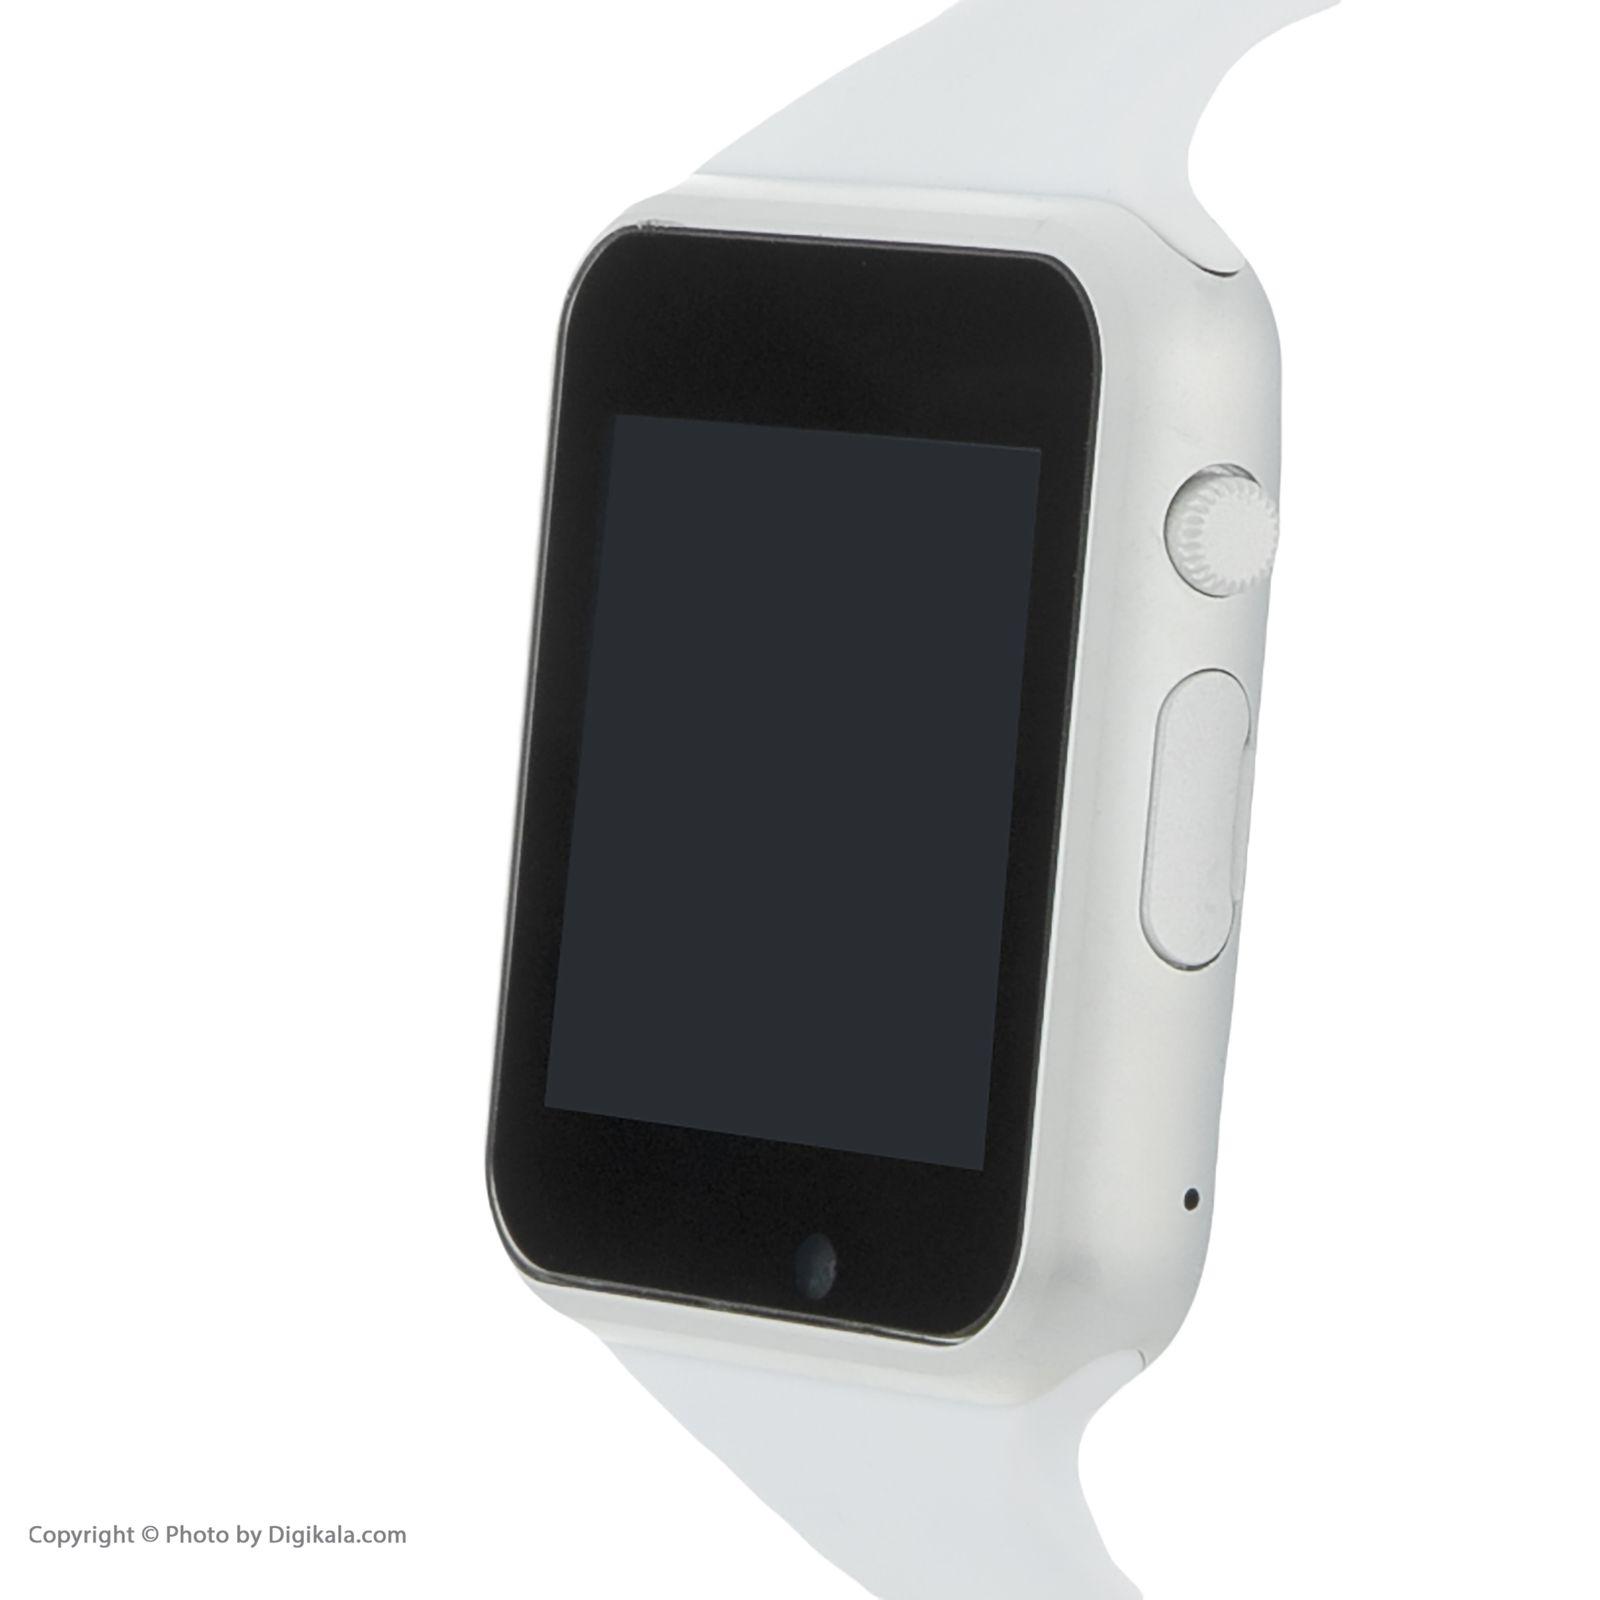 ساعت هوشمند هاینو تکو مدل HS01 -  - 4